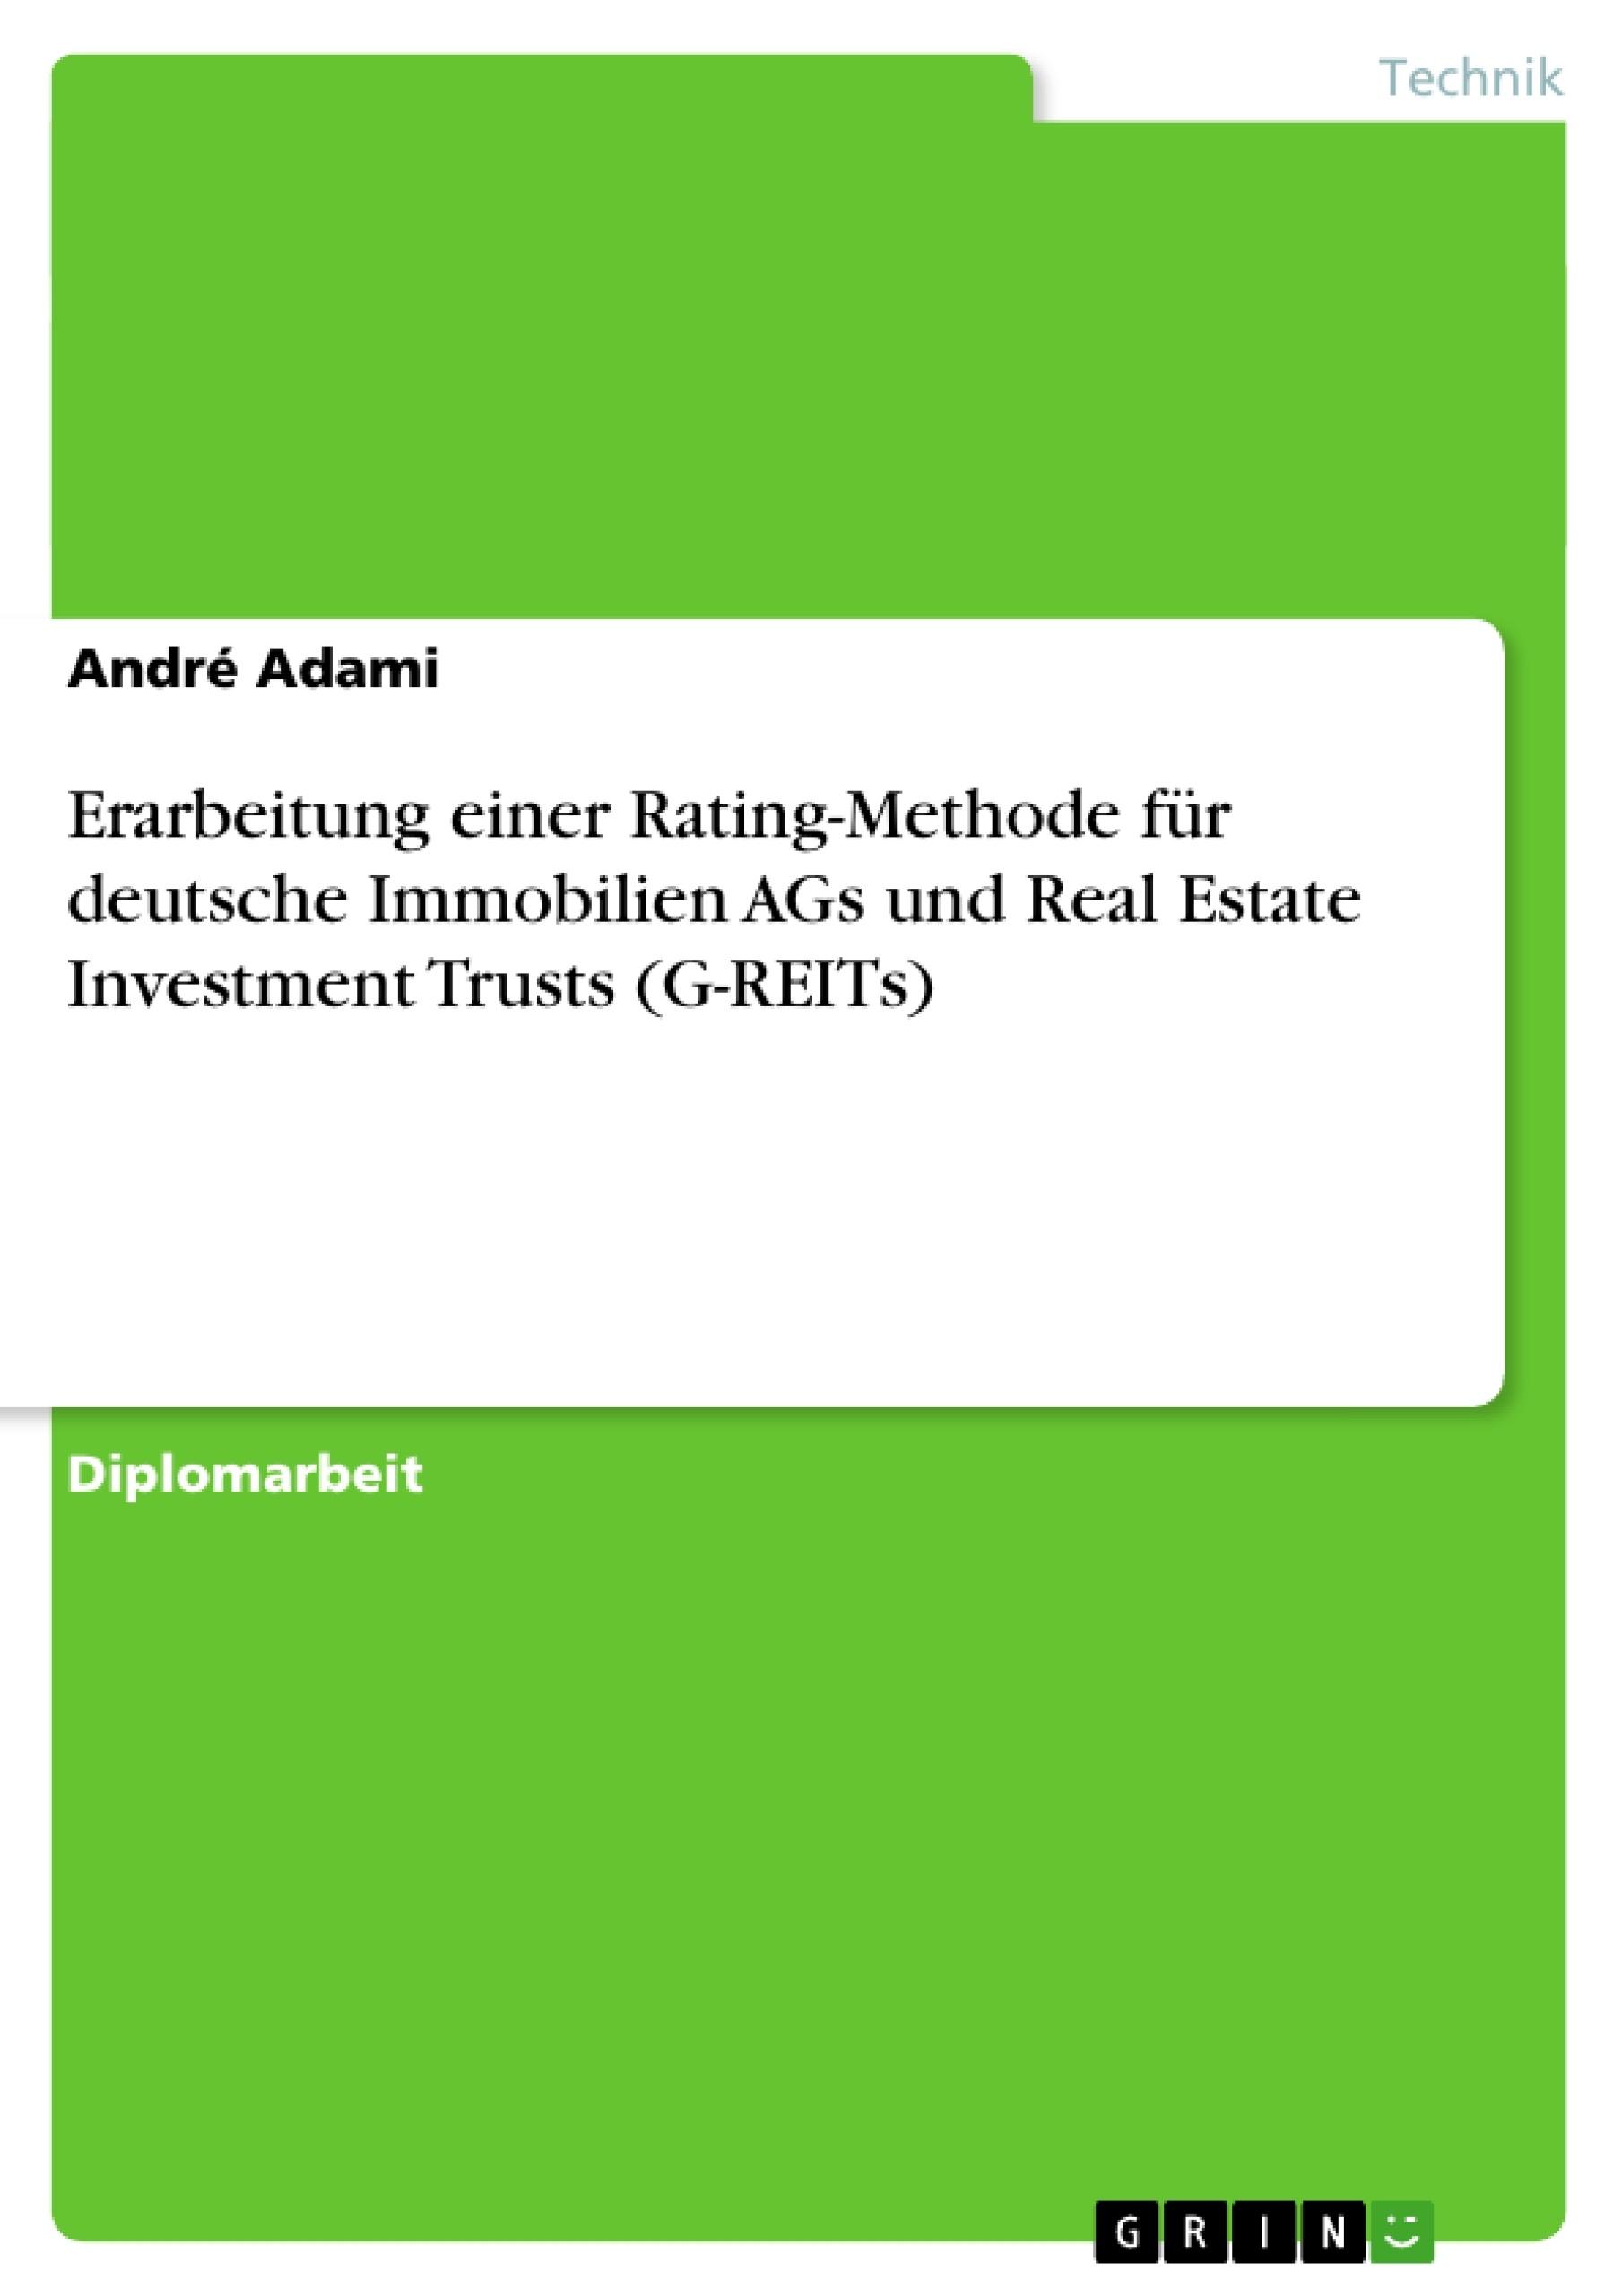 Titel: Erarbeitung einer Rating-Methode für deutsche Immobilien AGs und Real Estate Investment Trusts (G-REITs)